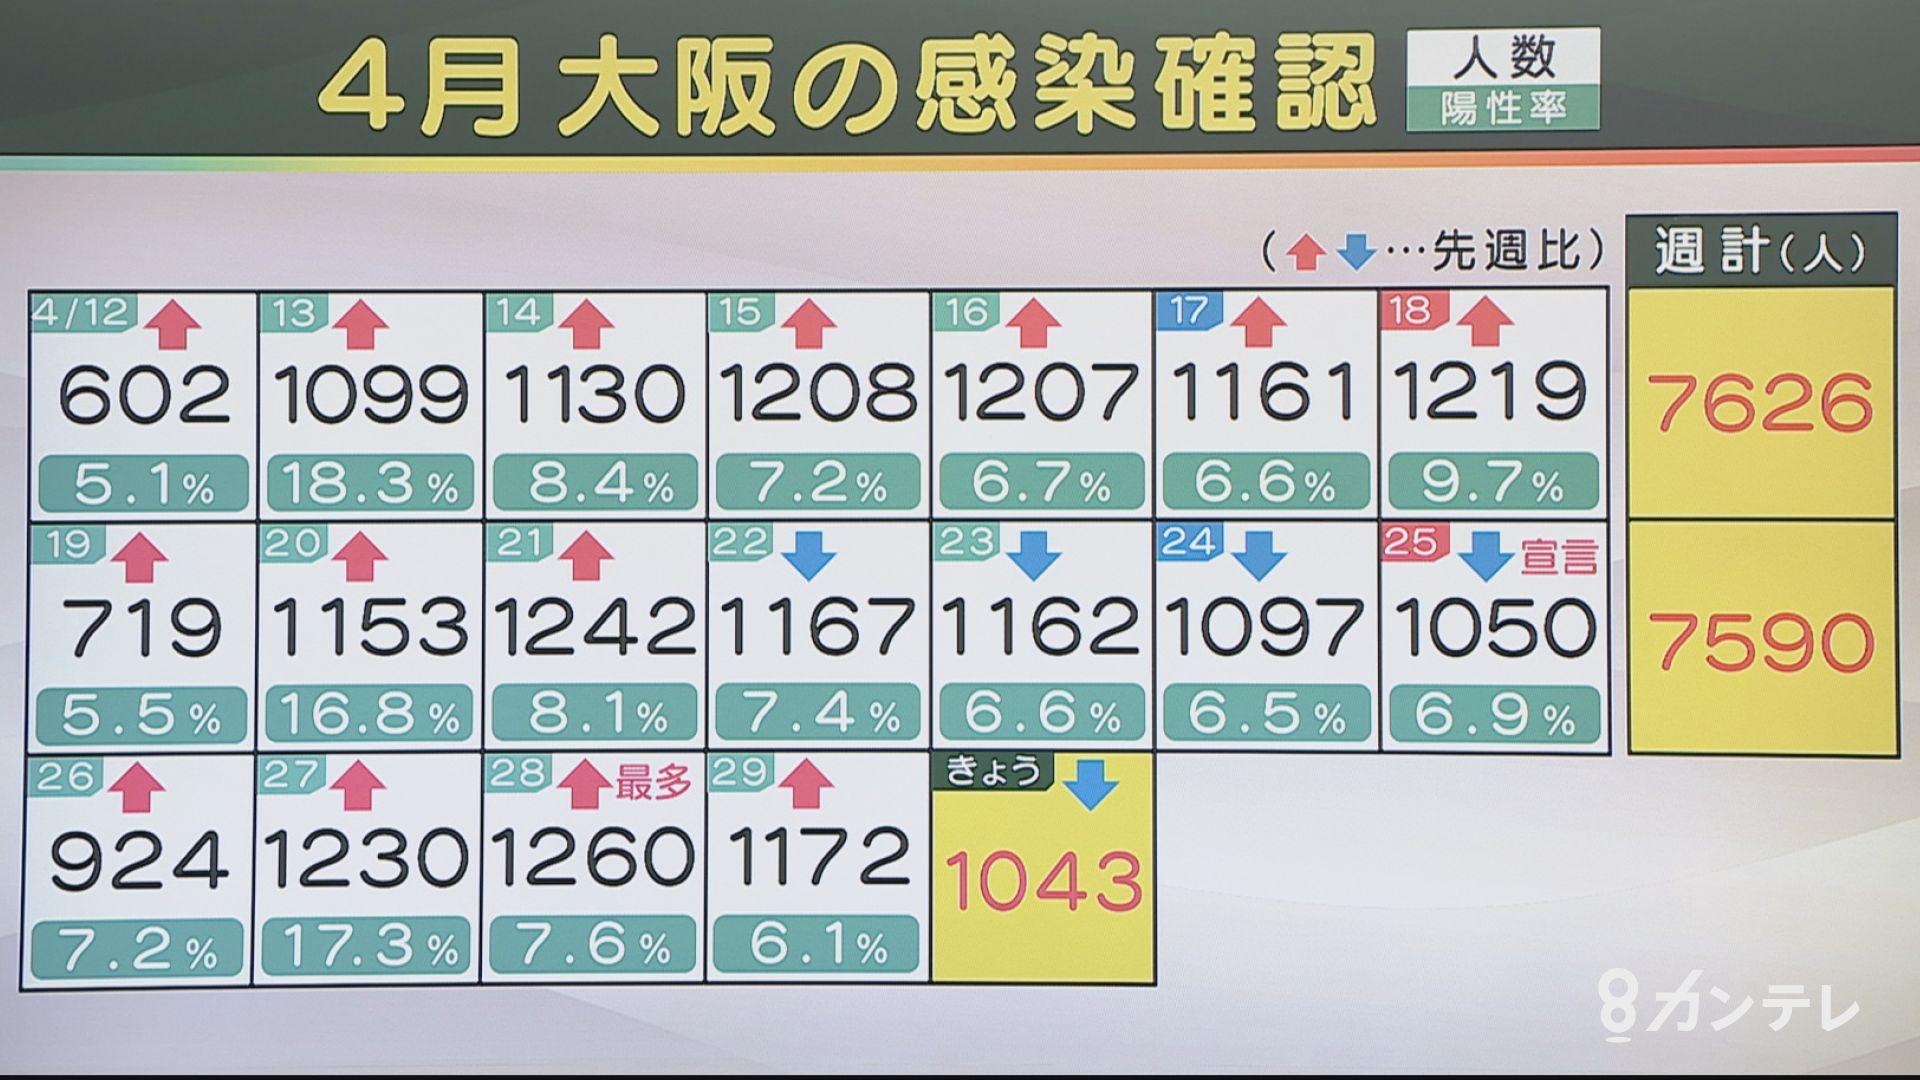 【速報】大阪で新たに1043人の感染確認 8人死亡